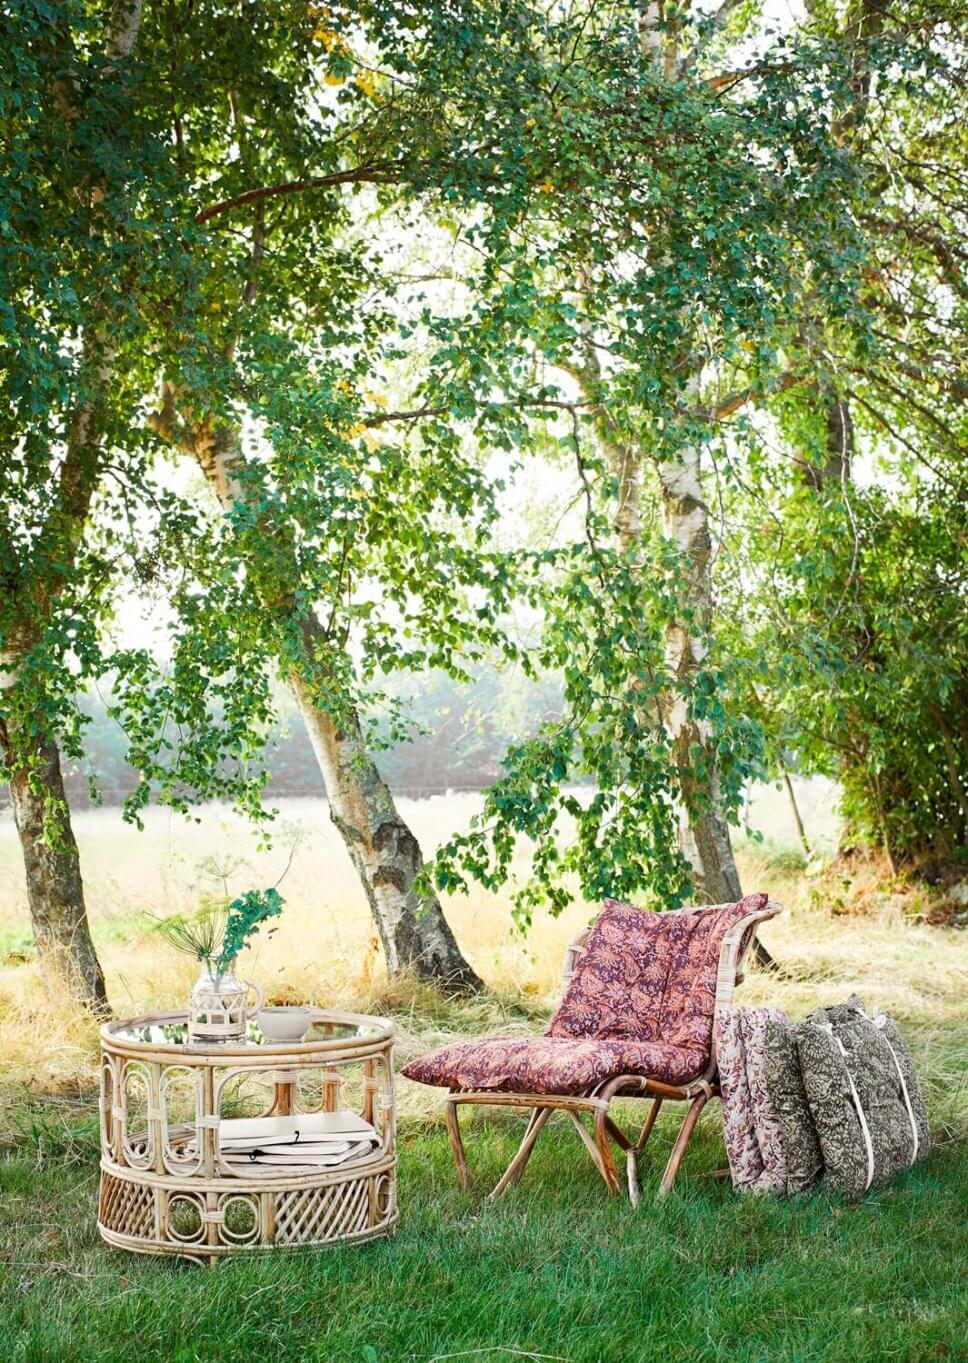 Bambusmöbel stehen unter großen Baum